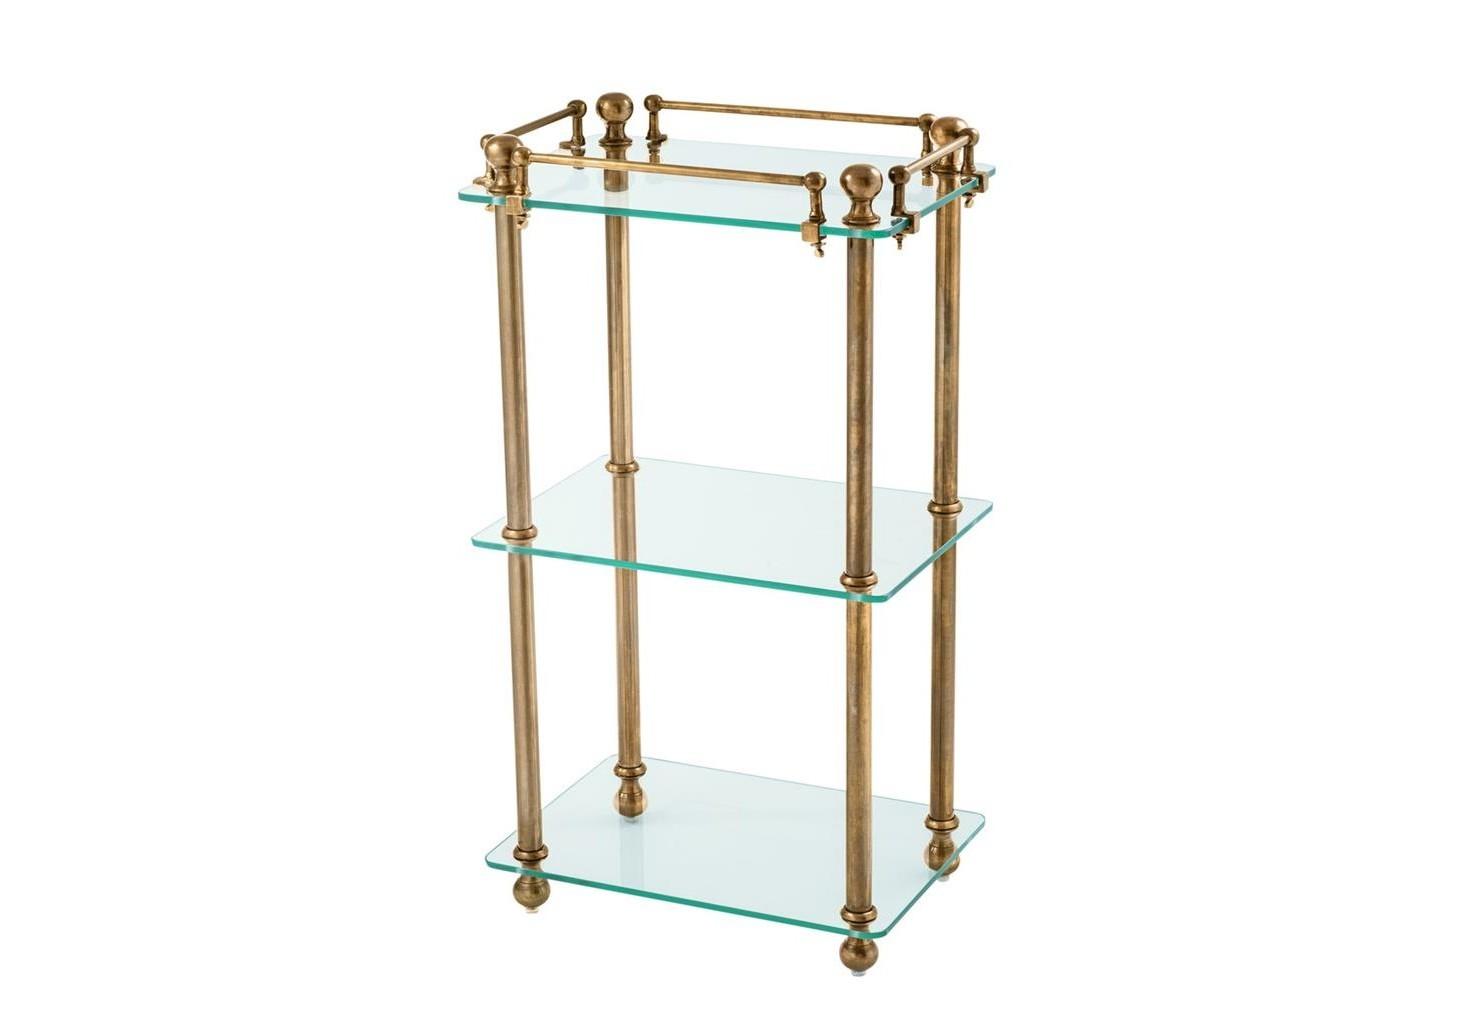 СтолПриставные столики<br>Столик Bathroom Rack Devon выполнен из металла цвета состаренная латунь. Полки из плотного прозрачного стекла.<br><br>Material: Стекло<br>Ширина см: 43.0<br>Высота см: 82.0<br>Глубина см: 32.0